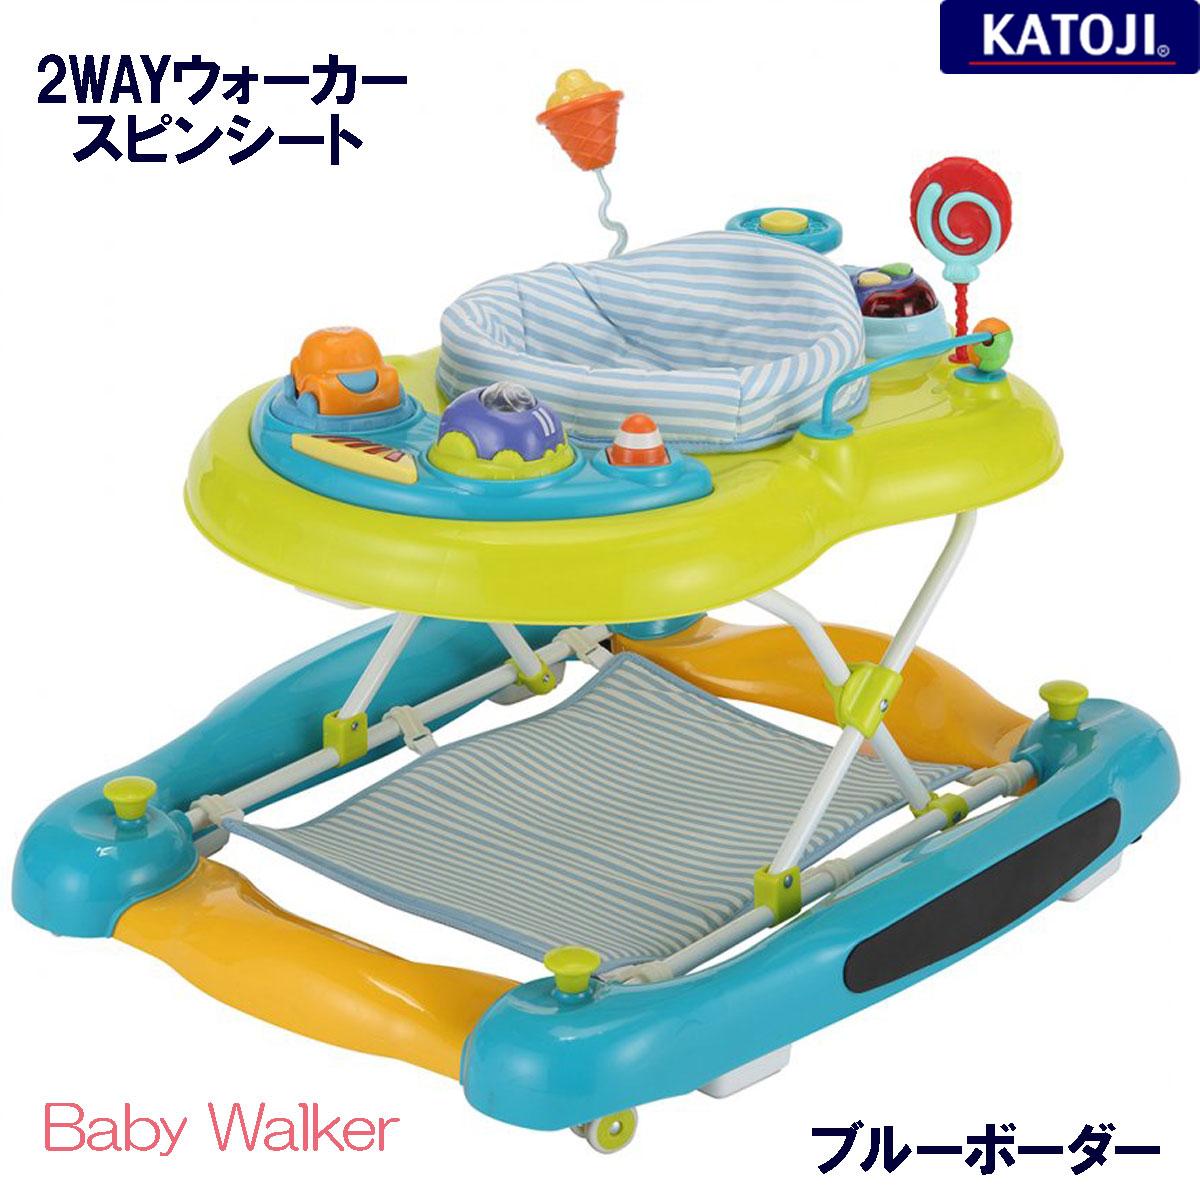 カトージ 2WAYウォーカー スピンシート ブルーボーダー(28900) トイテーブル付き /KATOJI/2way ベビーウォーカー ロッキング機能 歩行器 歩行機